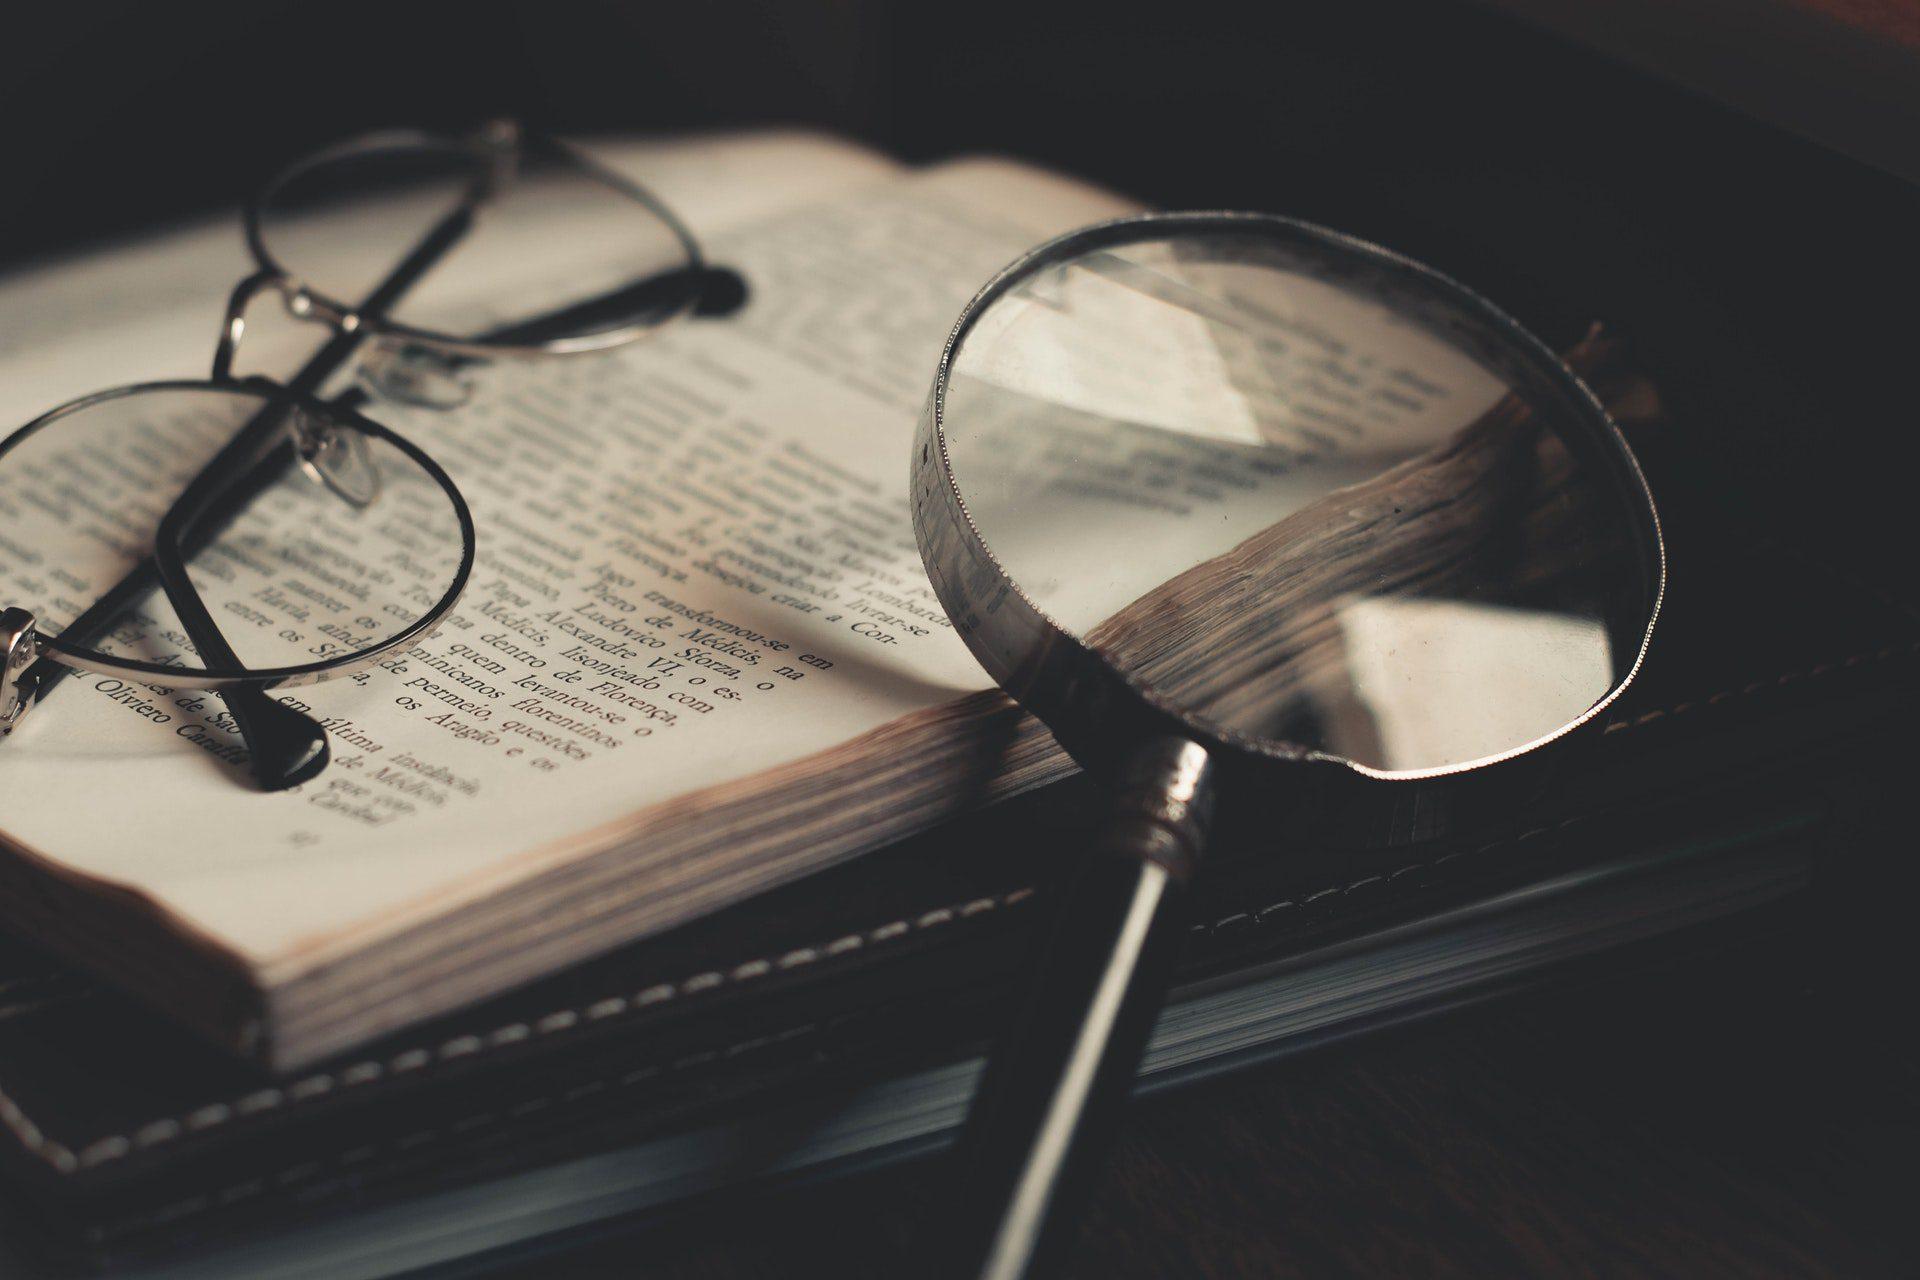 La mise à jour de la doctrine administrative précise les activités de R&D éligibles au CIR